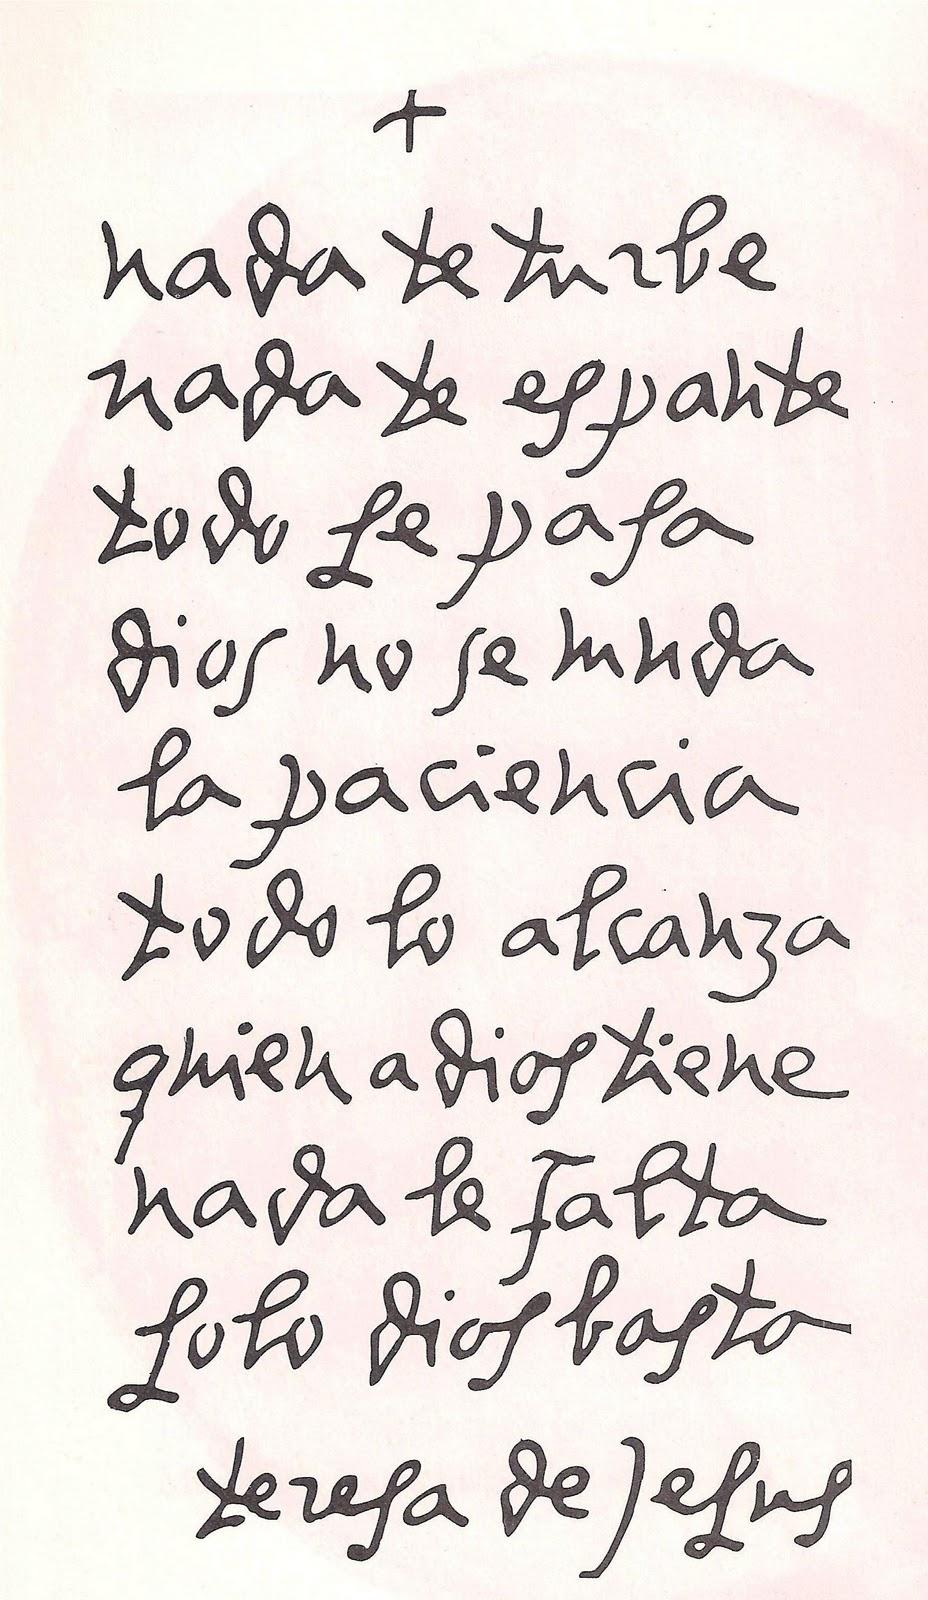 Nada_te_turbe.jpg